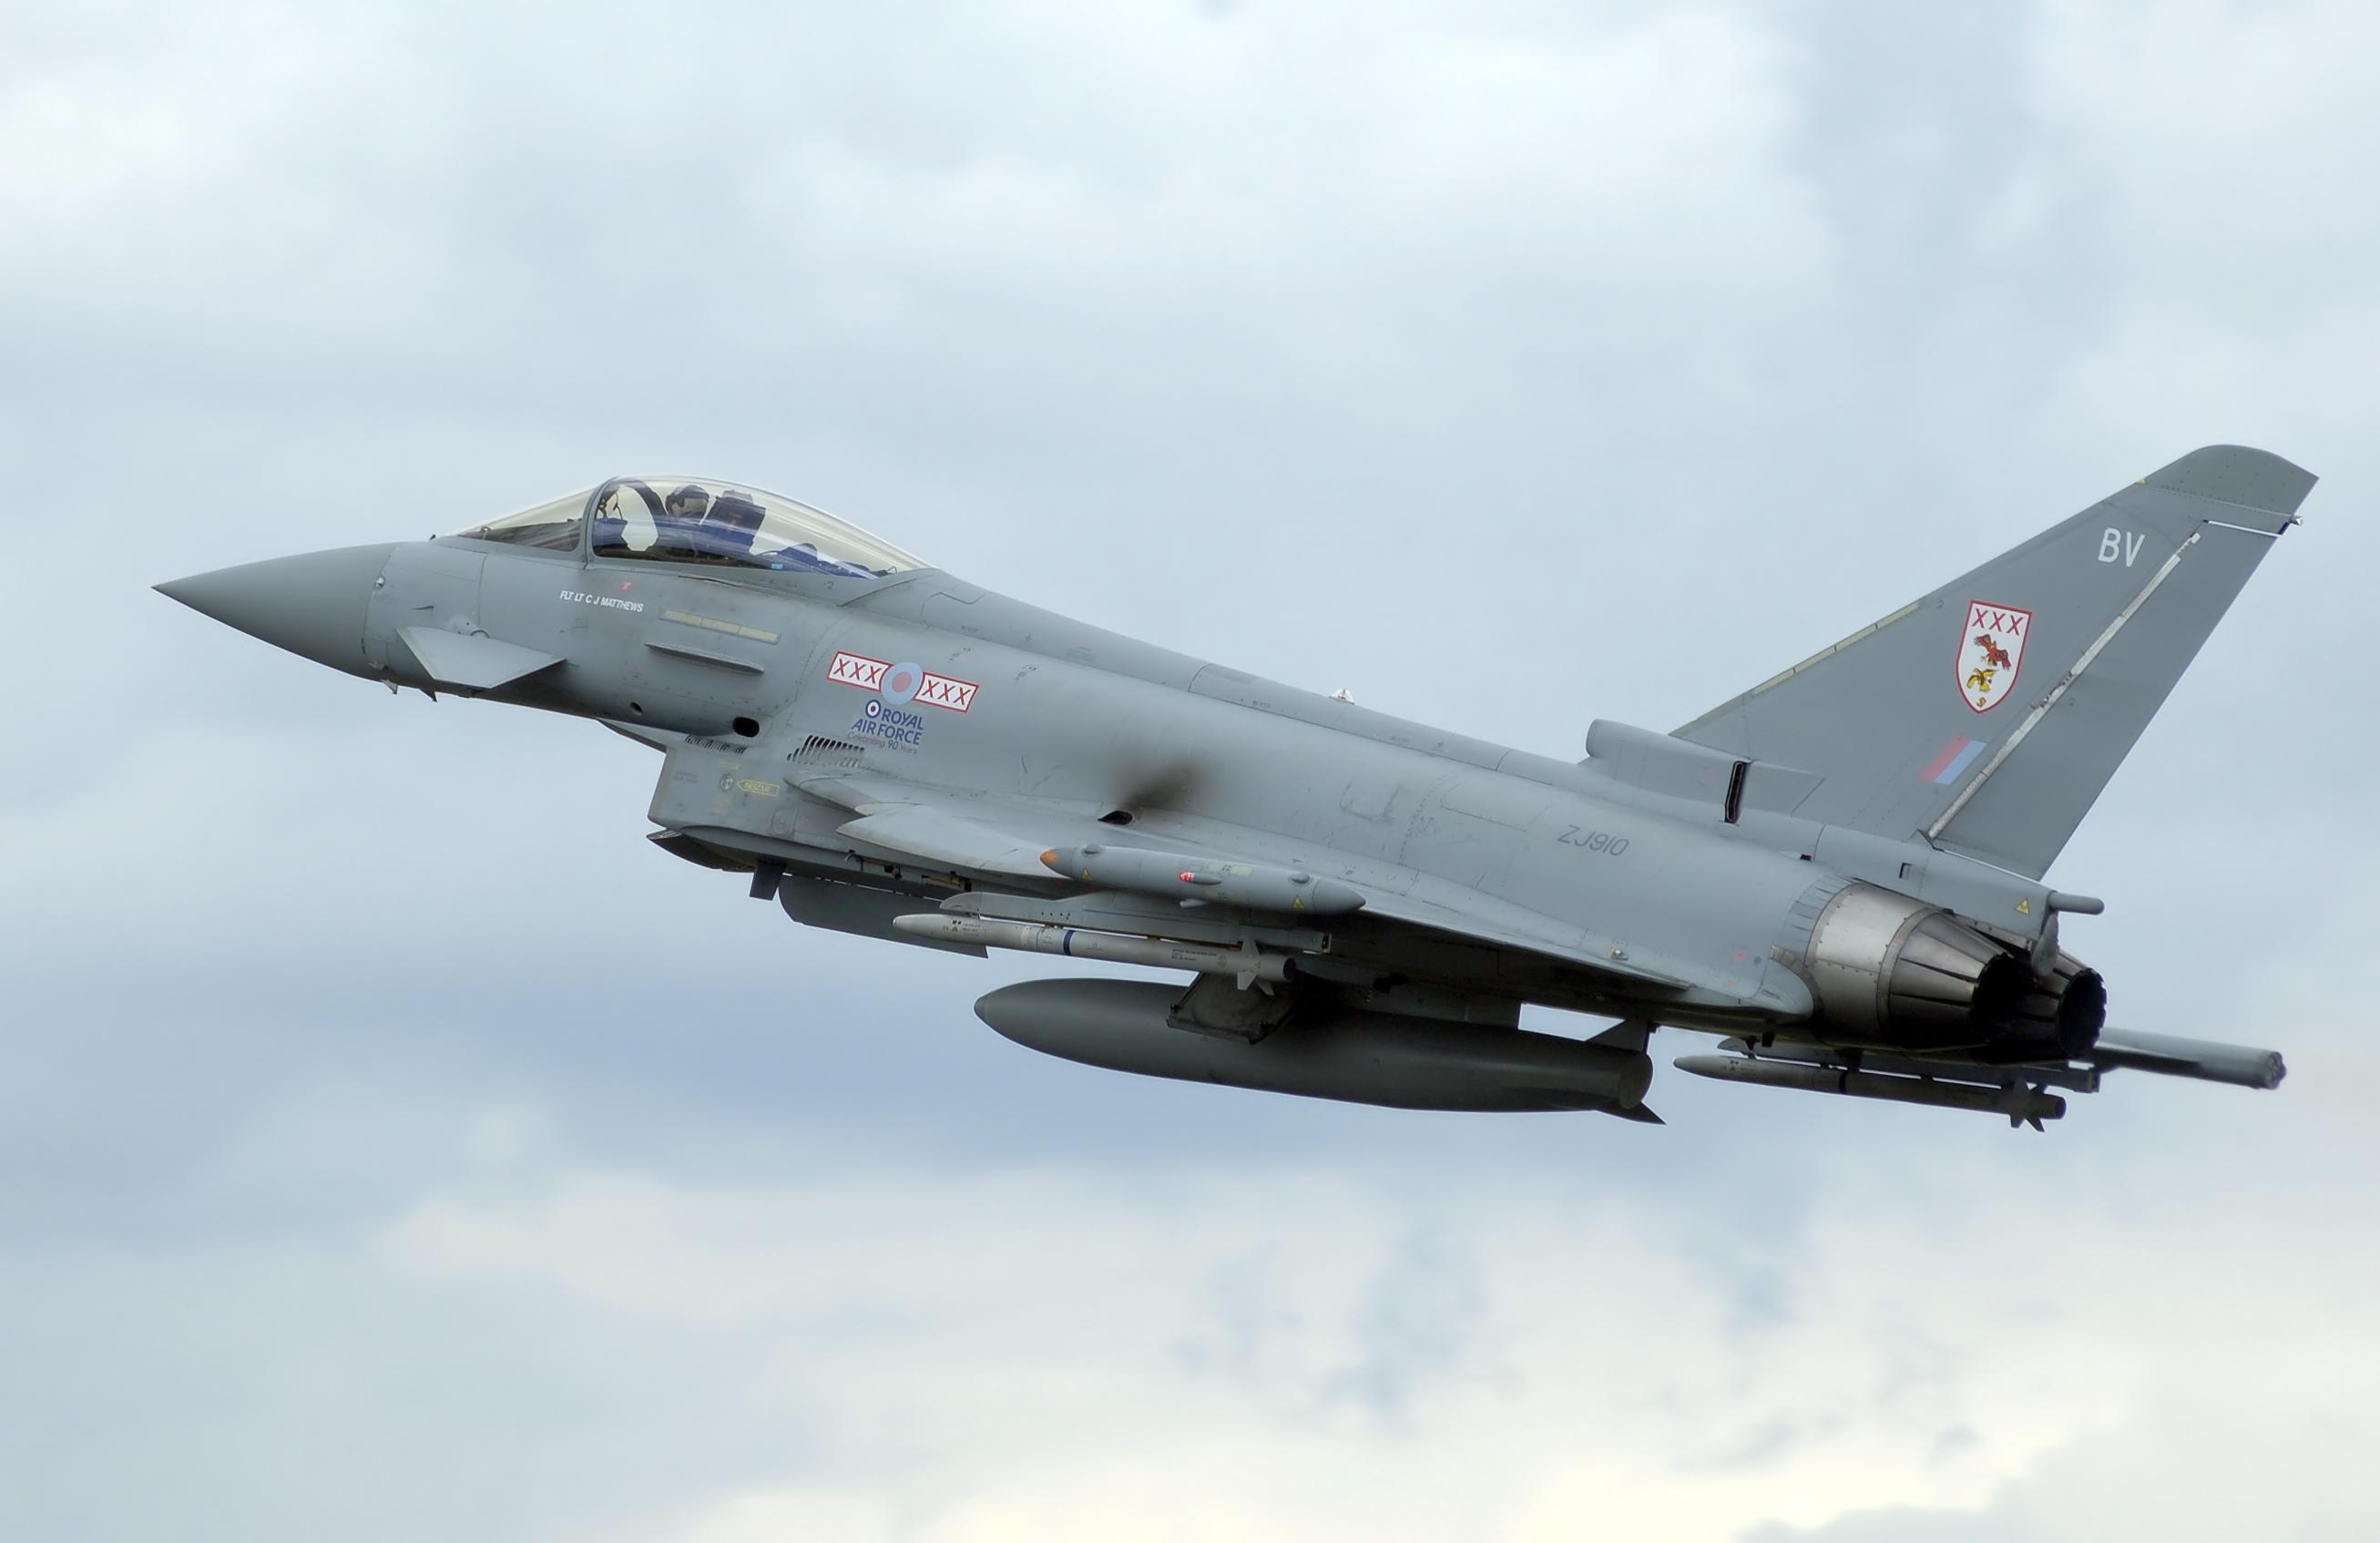 Aniversario de la Fuerza Aérea Argentina - Página 3 Typhoon_f2_zj910_arp